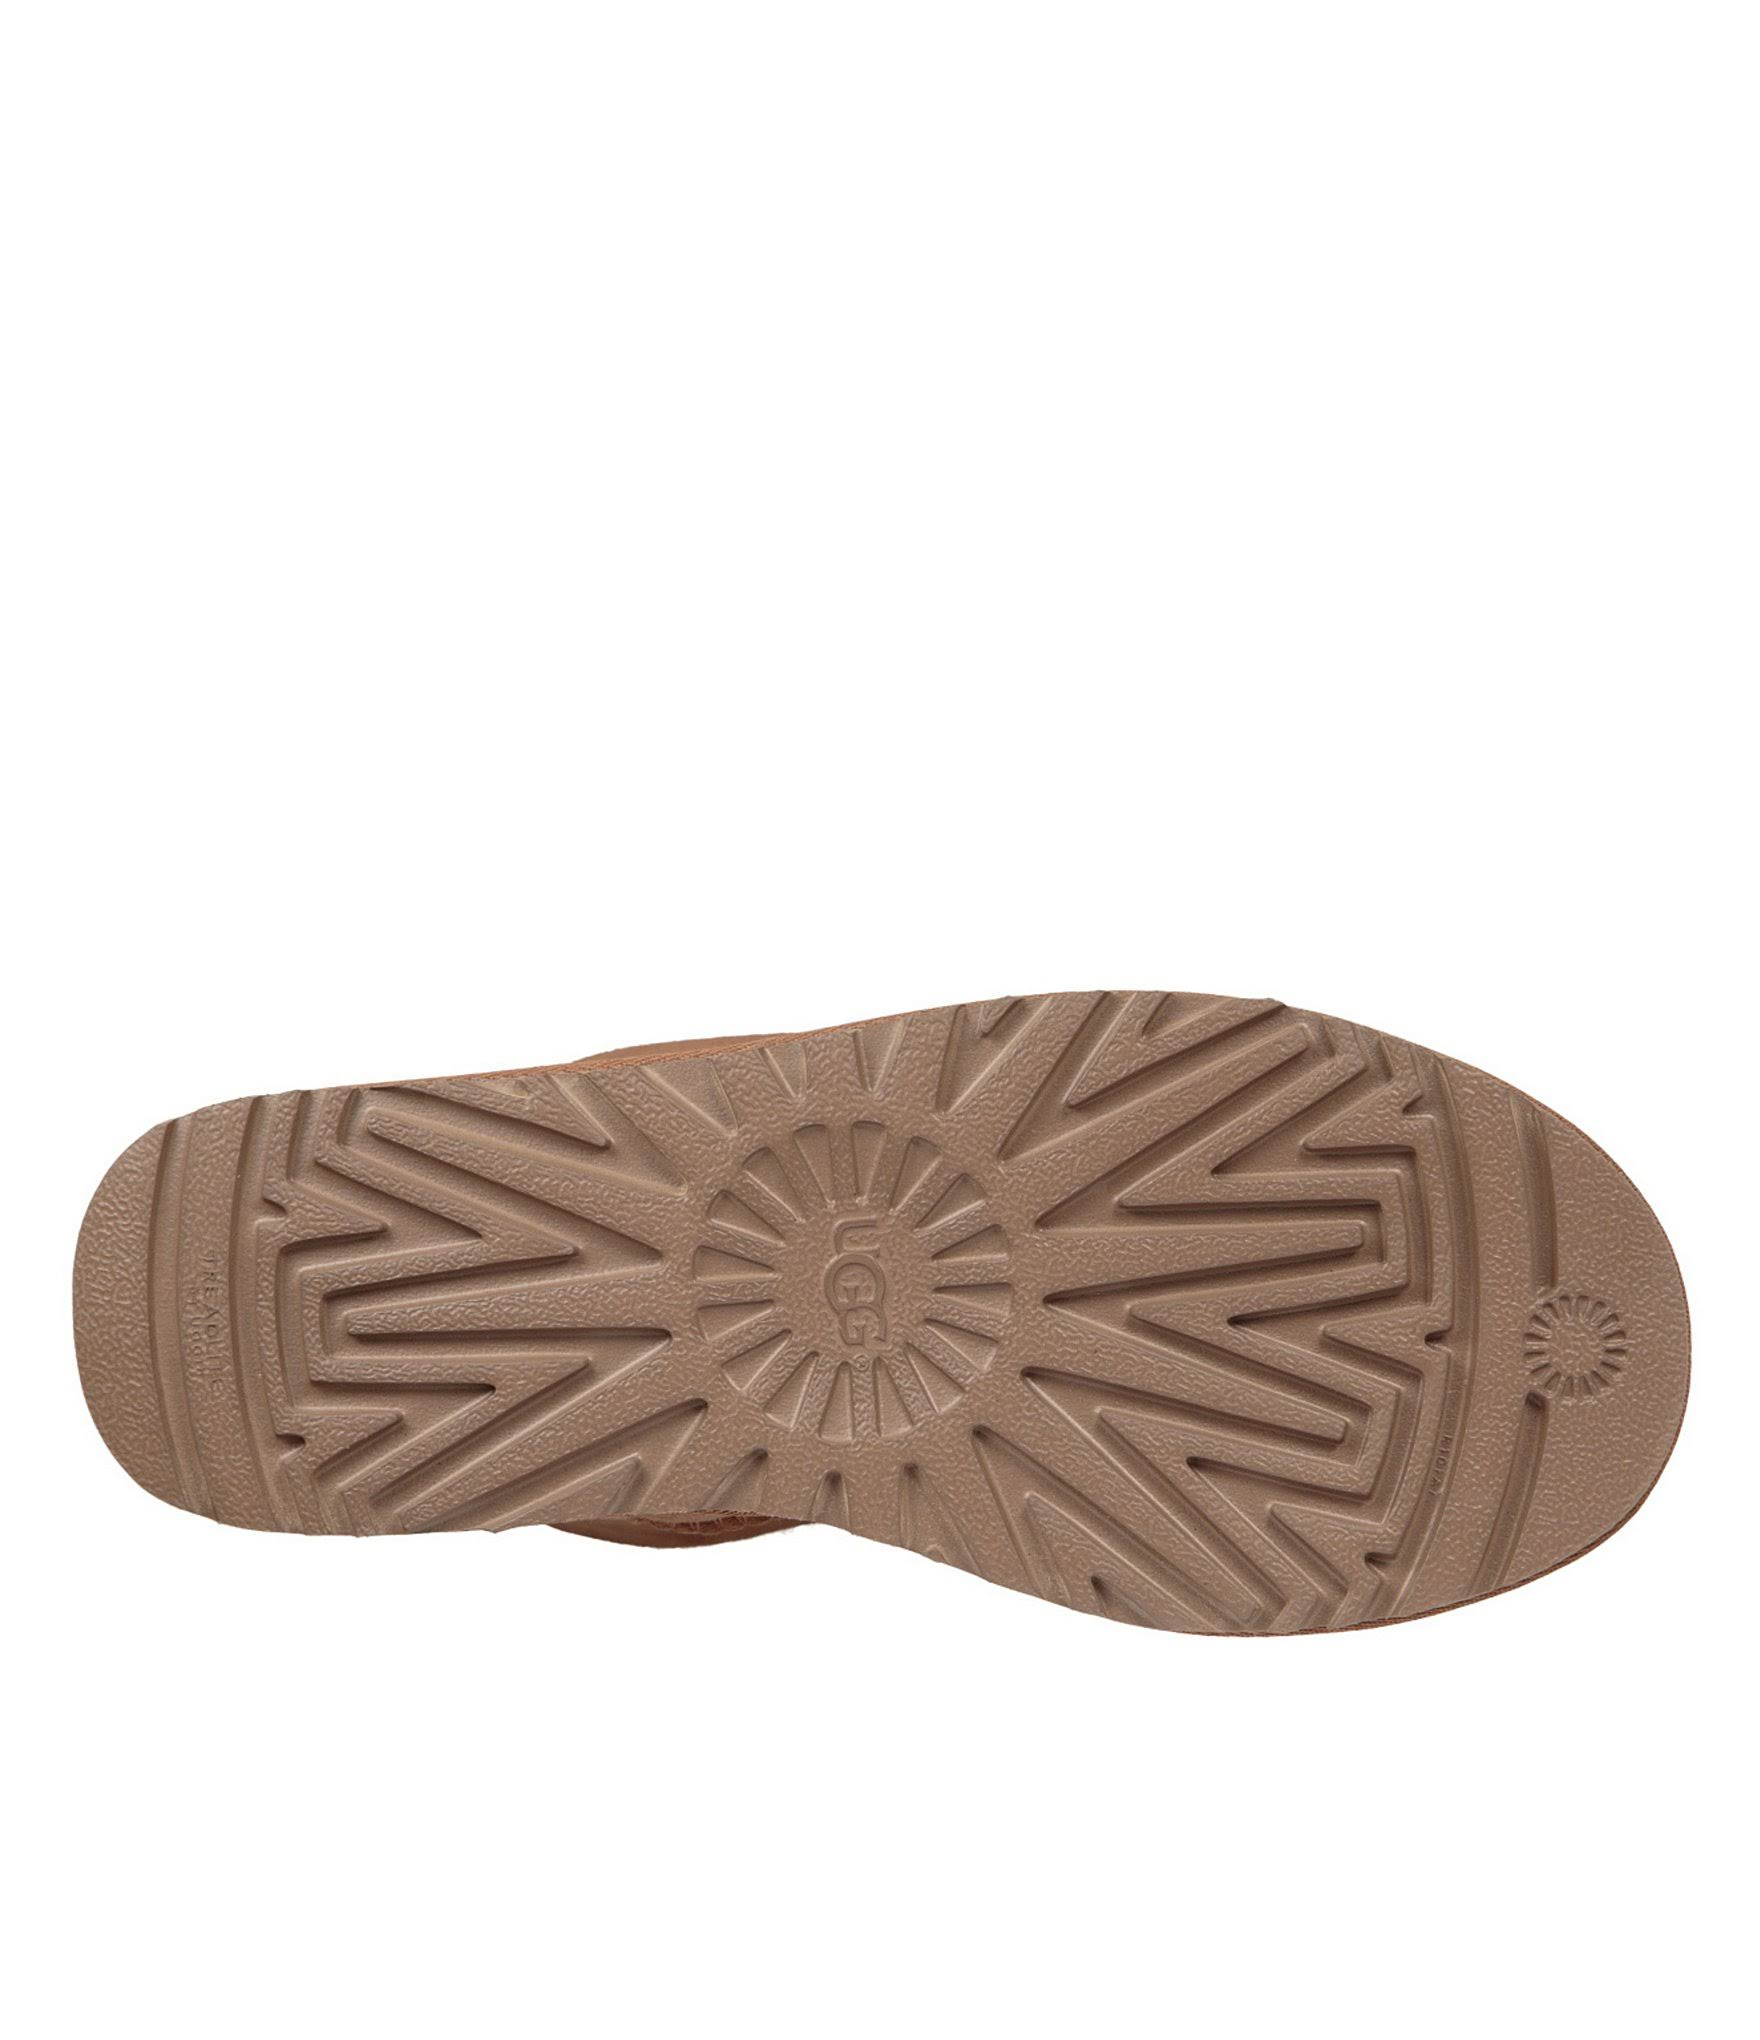 Chestnut Mini Donna Boot Ugg Bow Gita iTOPZXuk